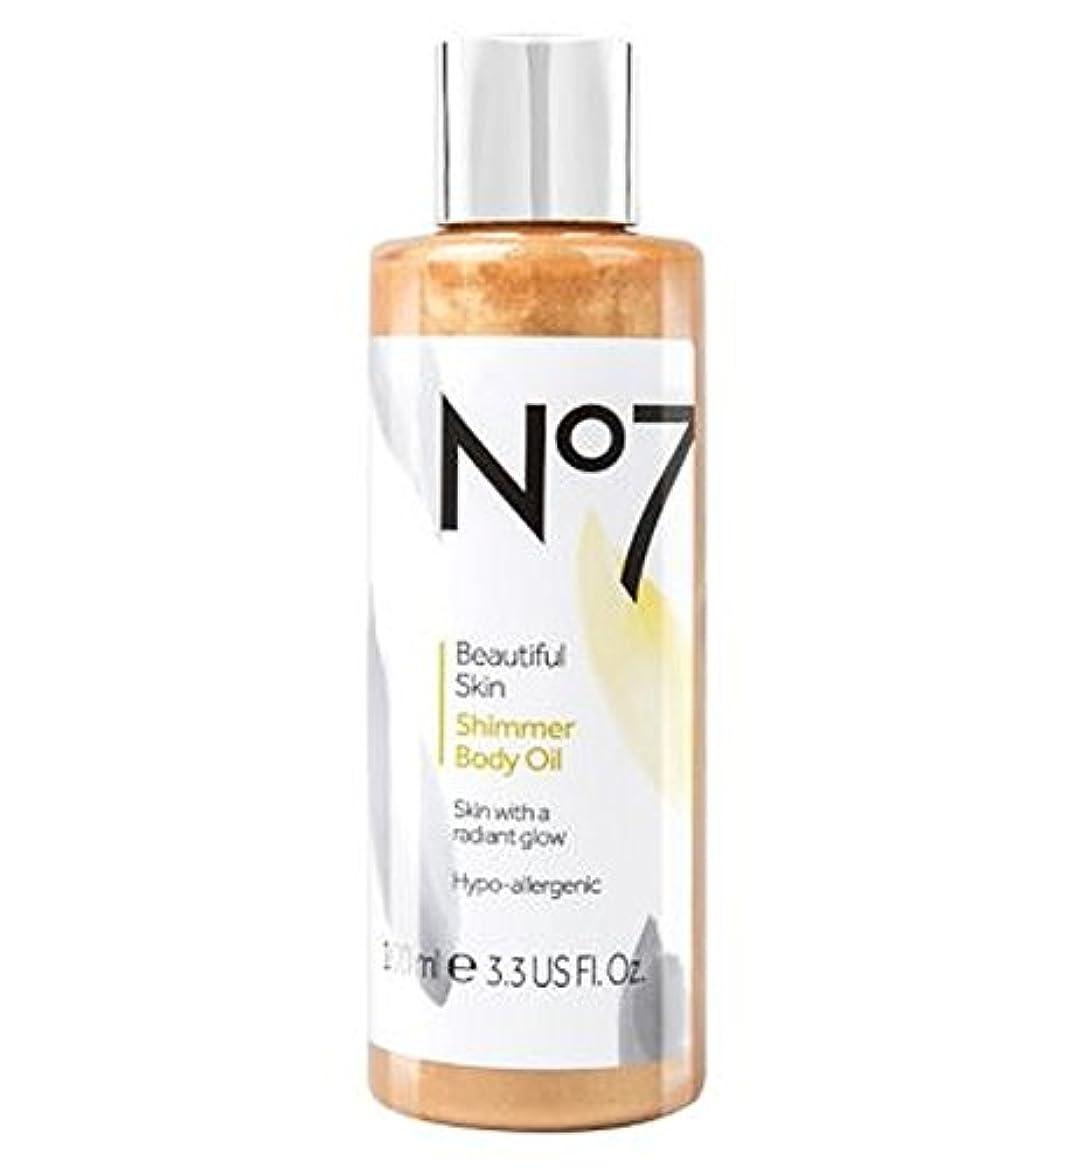 検索エンジンマーケティング副詞サワーNo7 Beautiful Skin Shimmer Body Oil - No7美しい肌シマーボディオイル (No7) [並行輸入品]